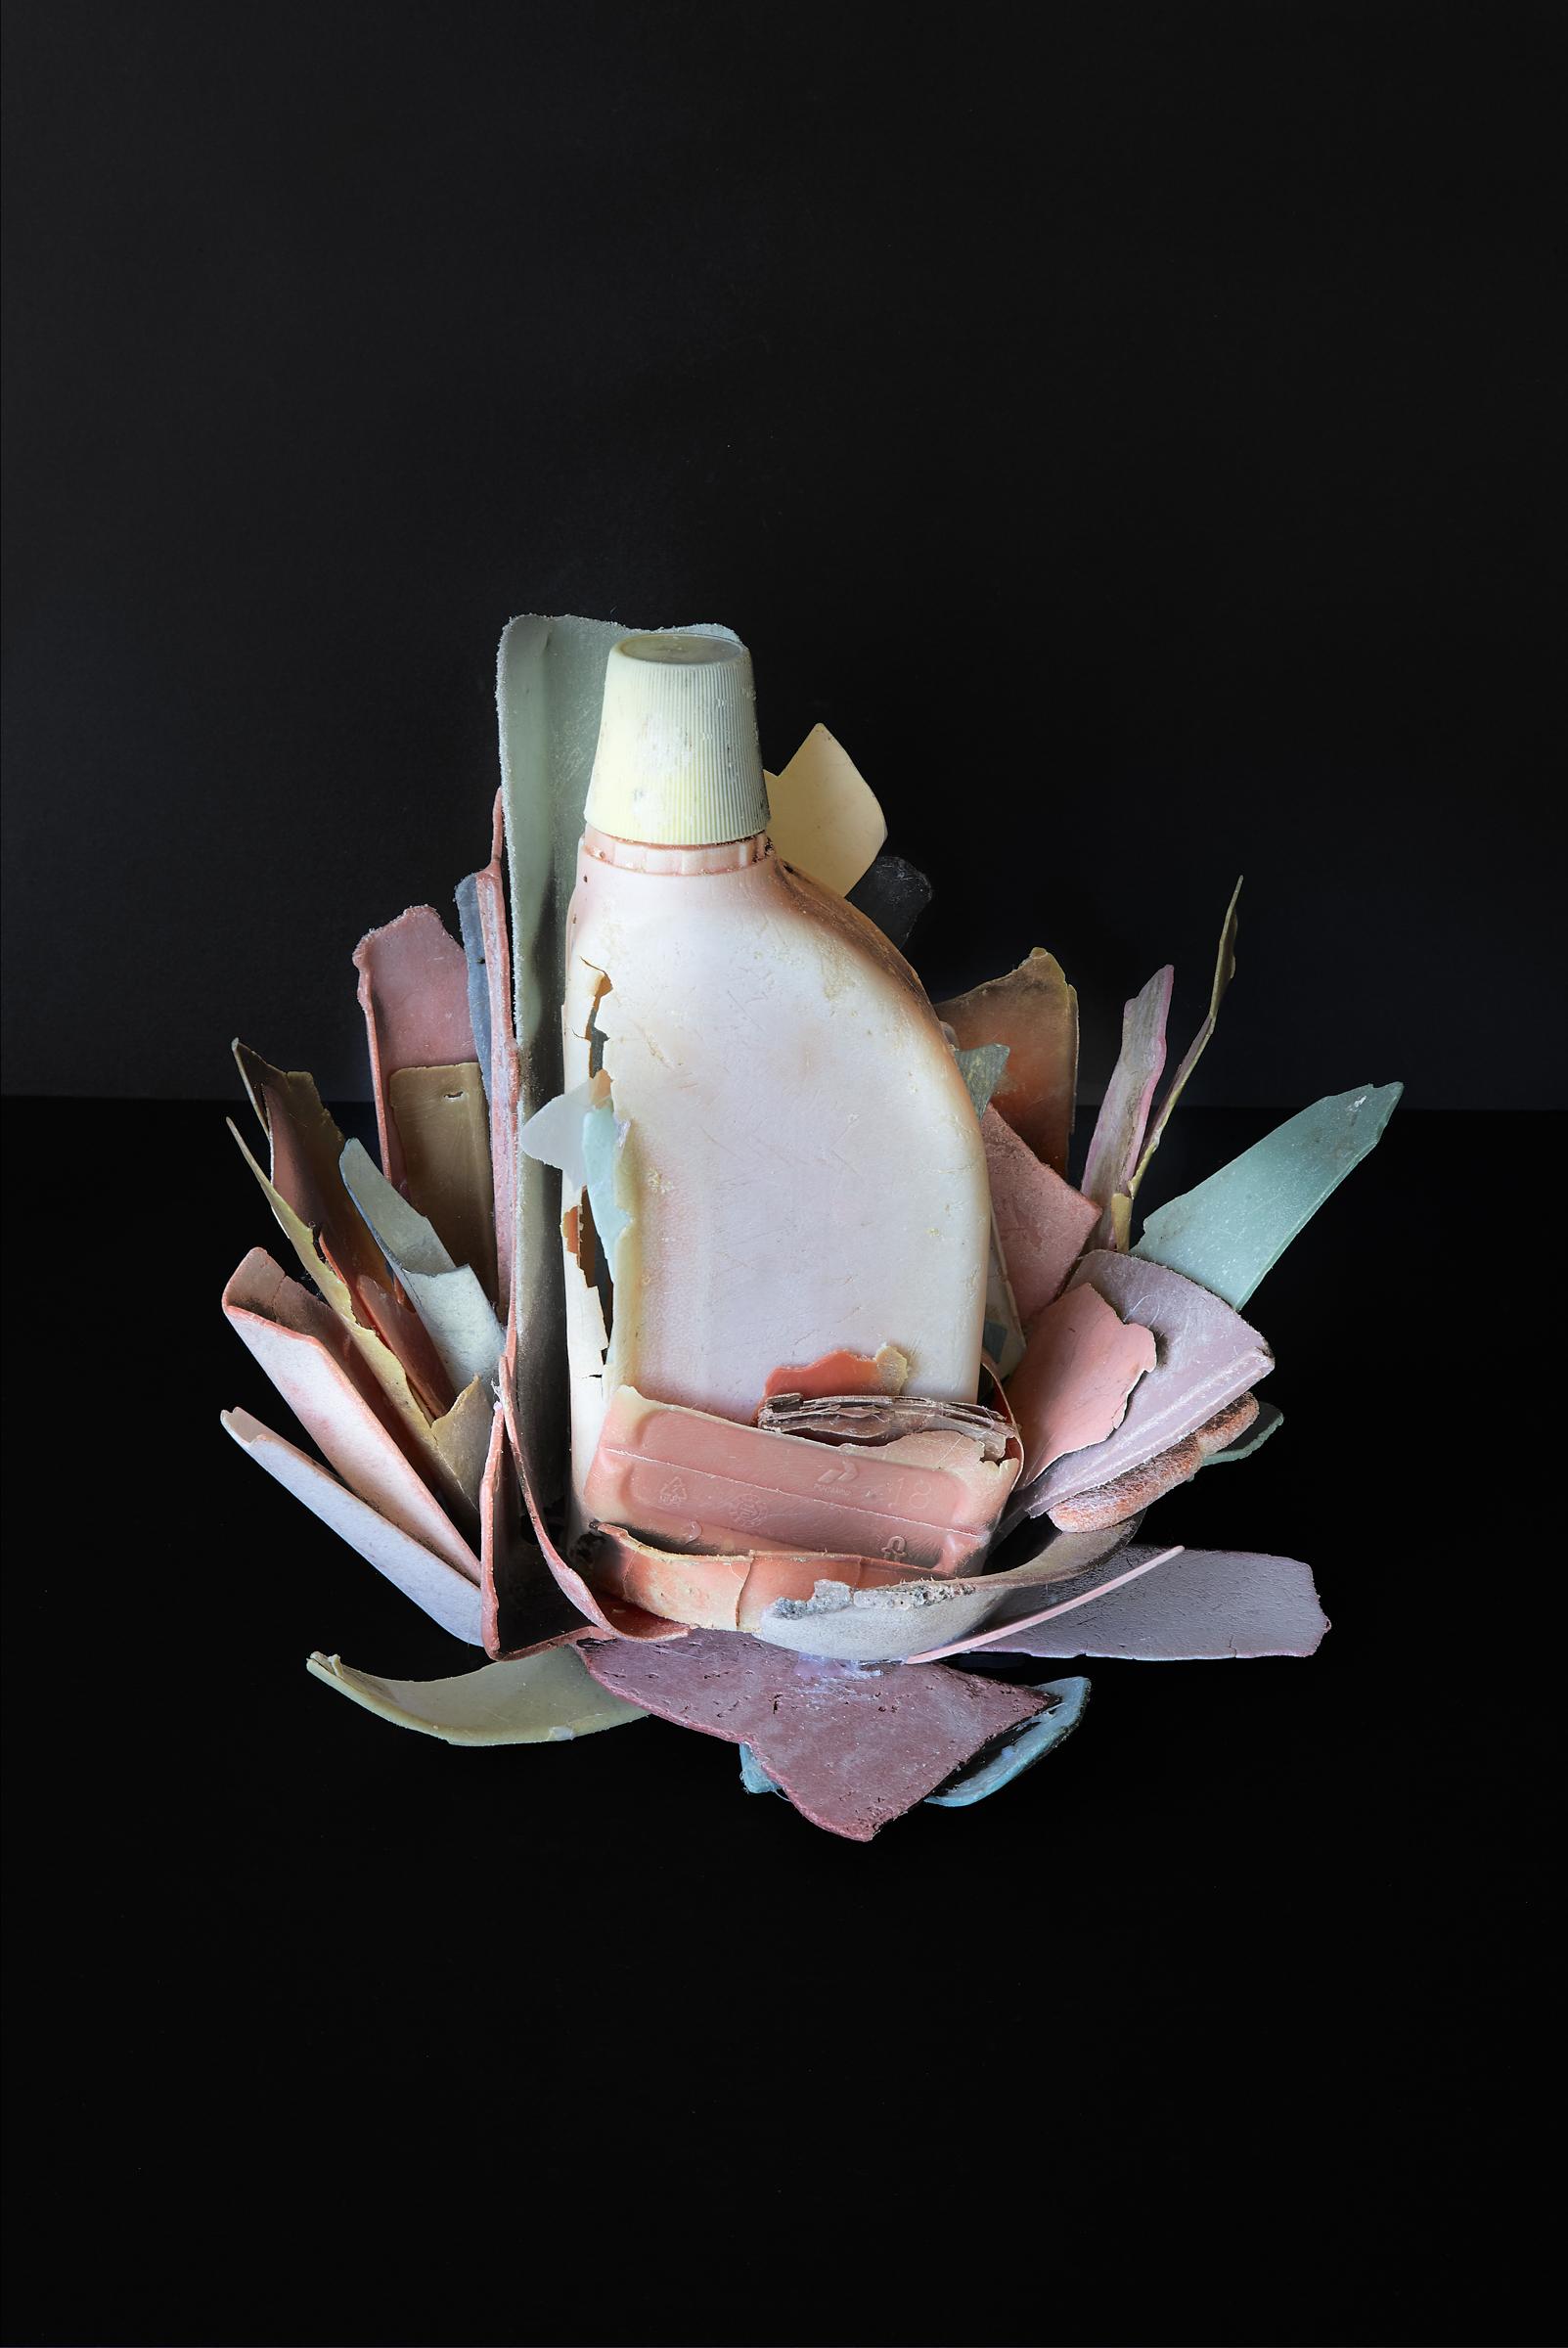 Thirza Schaap, lotus, 2019. Courtesy of the artist and Bildhalle Zürich + Amsterdam